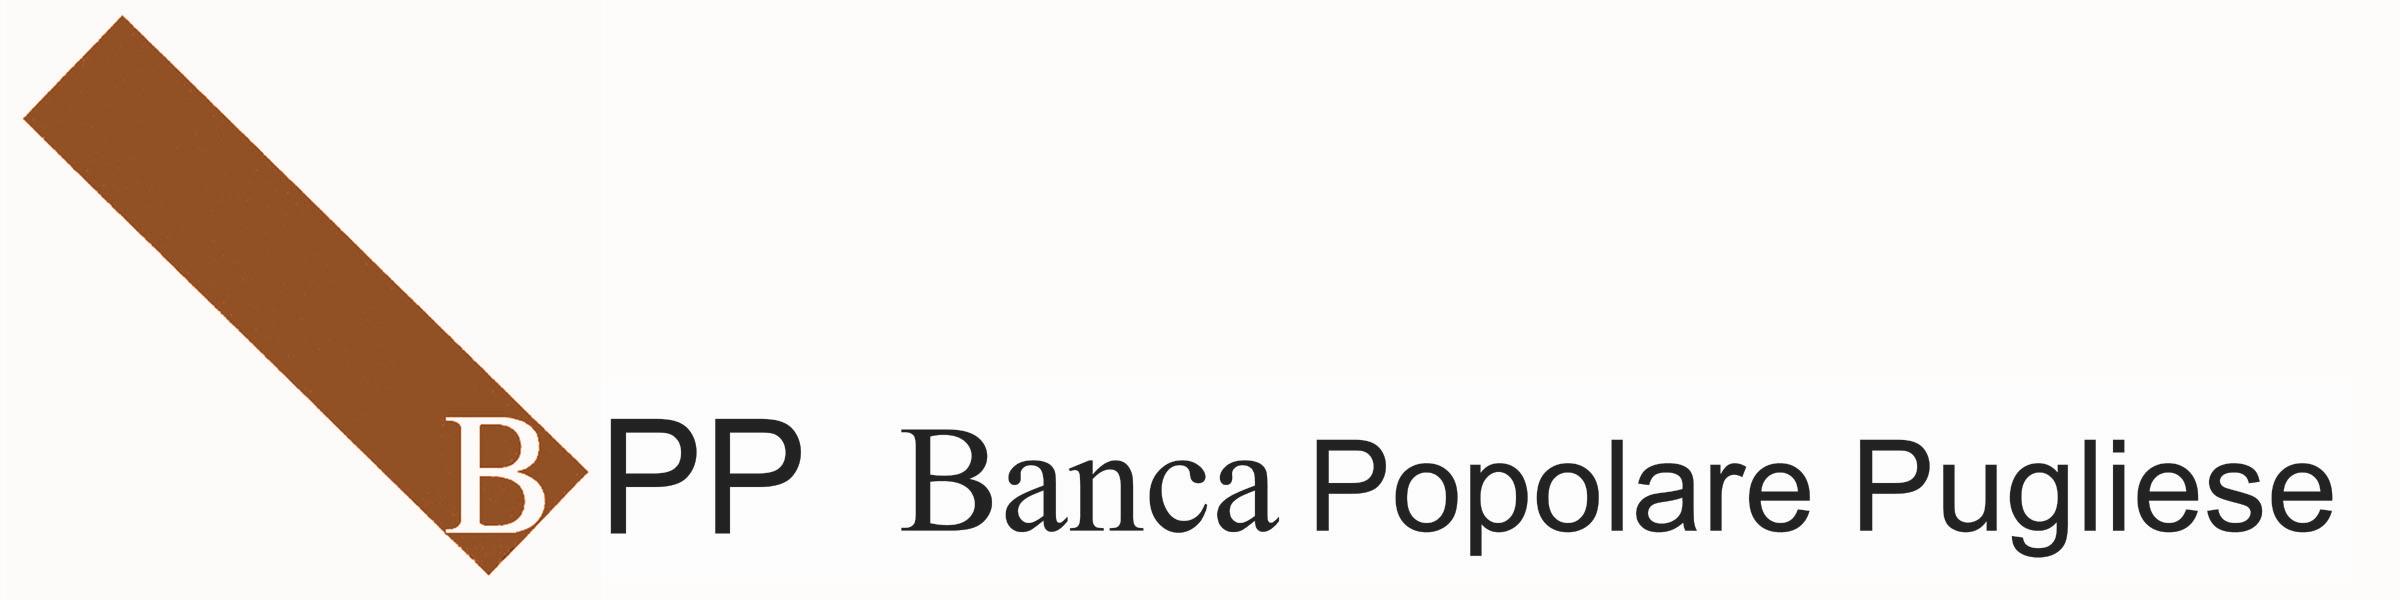 Banca Popolare Pugliese